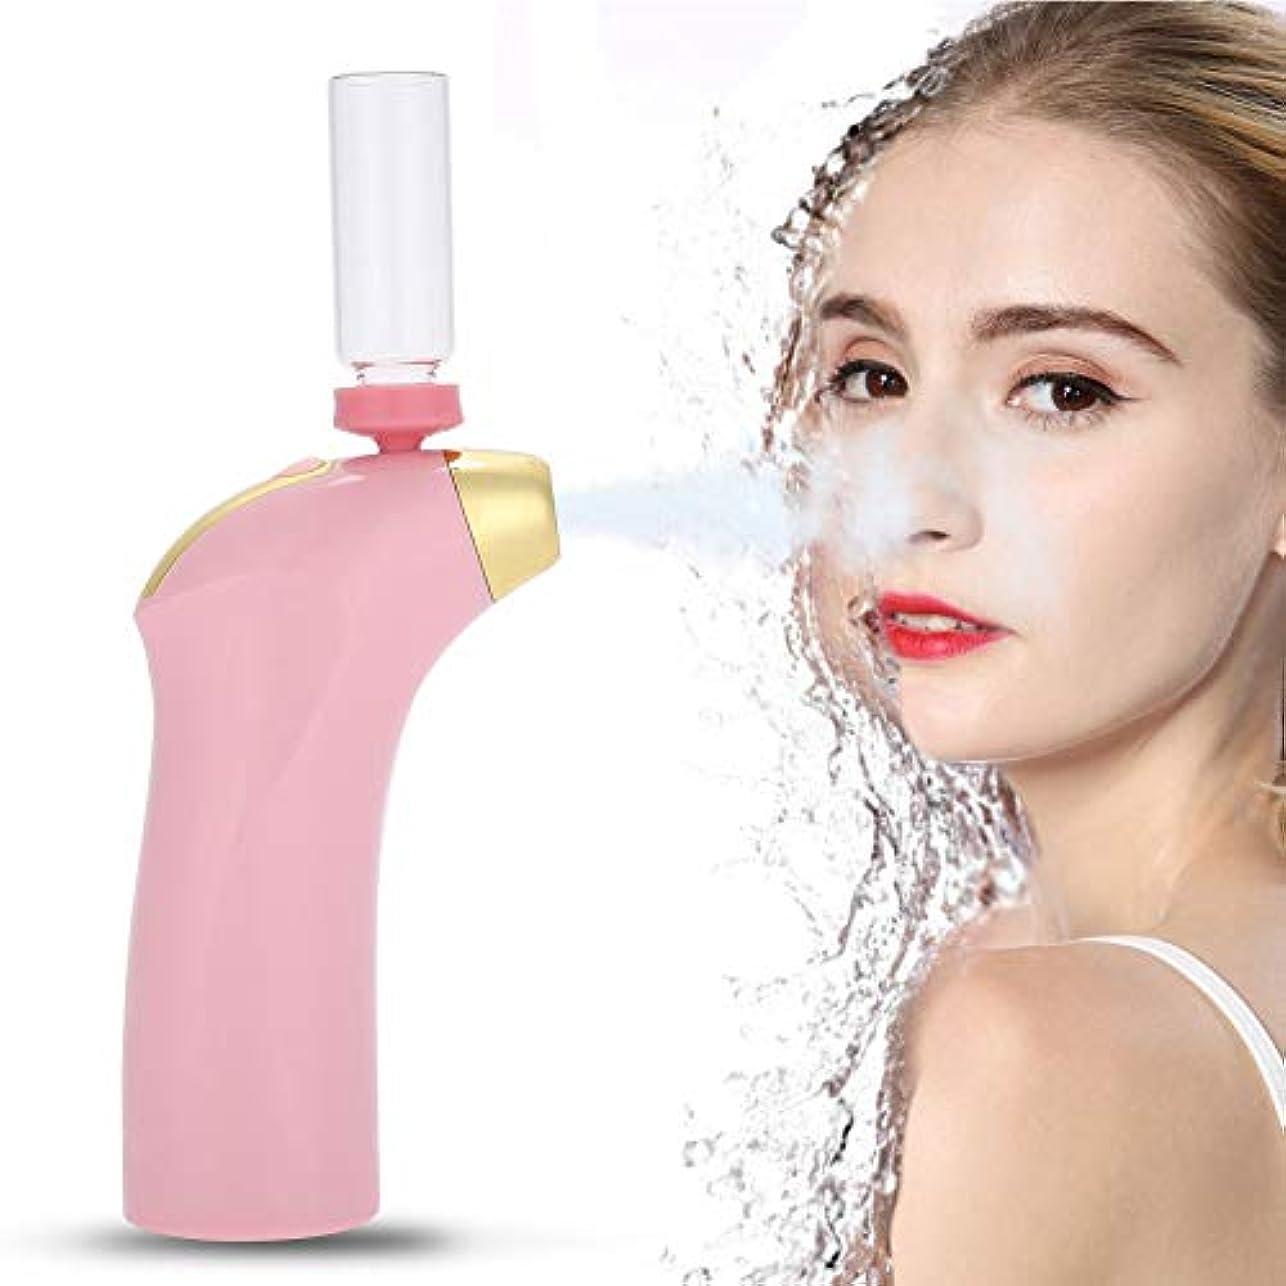 レーダーシール作家専門の酸素の注入のスプレーガン - 顔の皮の若返りの美機械、顔の美の器械、引き締まる皮は、肌の色合い、色素形成を改善します